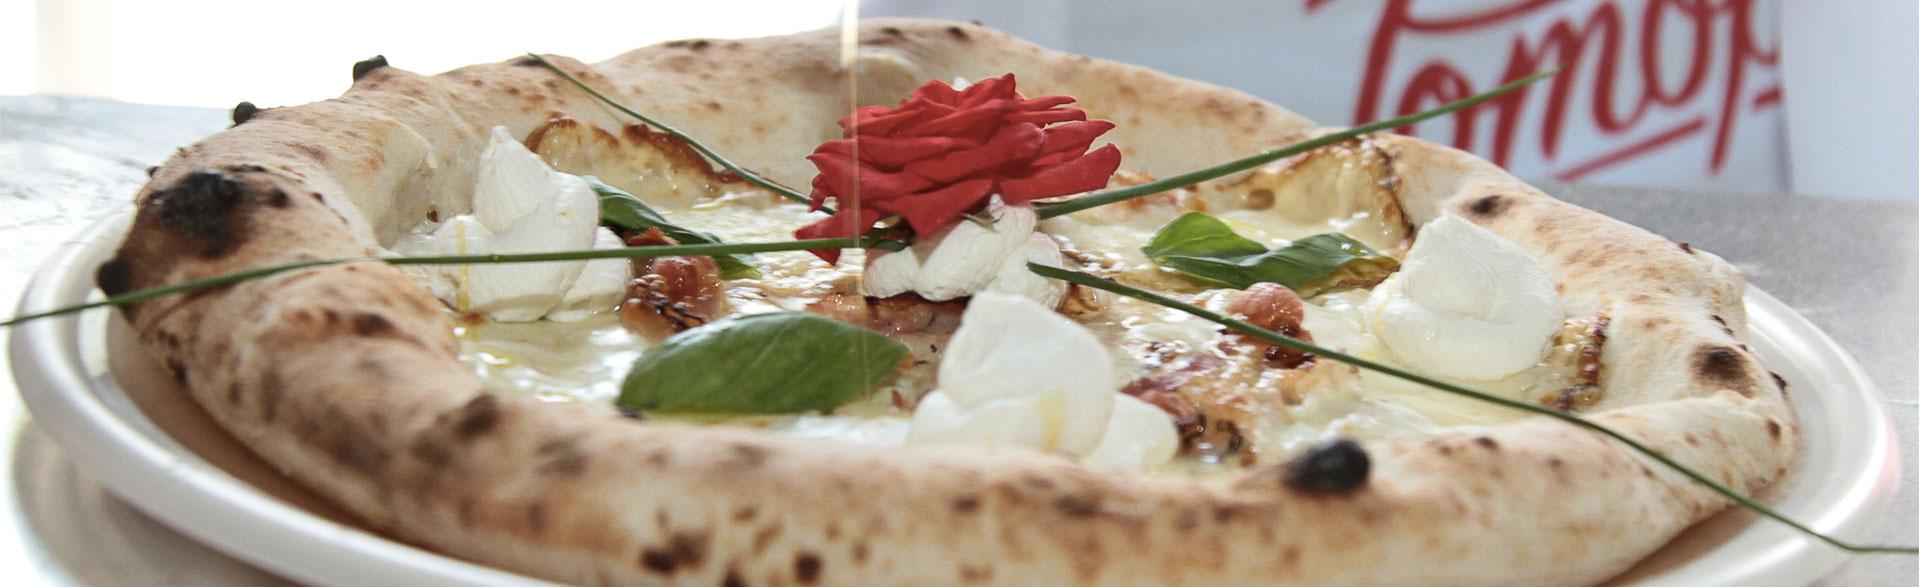 campionato-italiano-pizza-doc-contatti